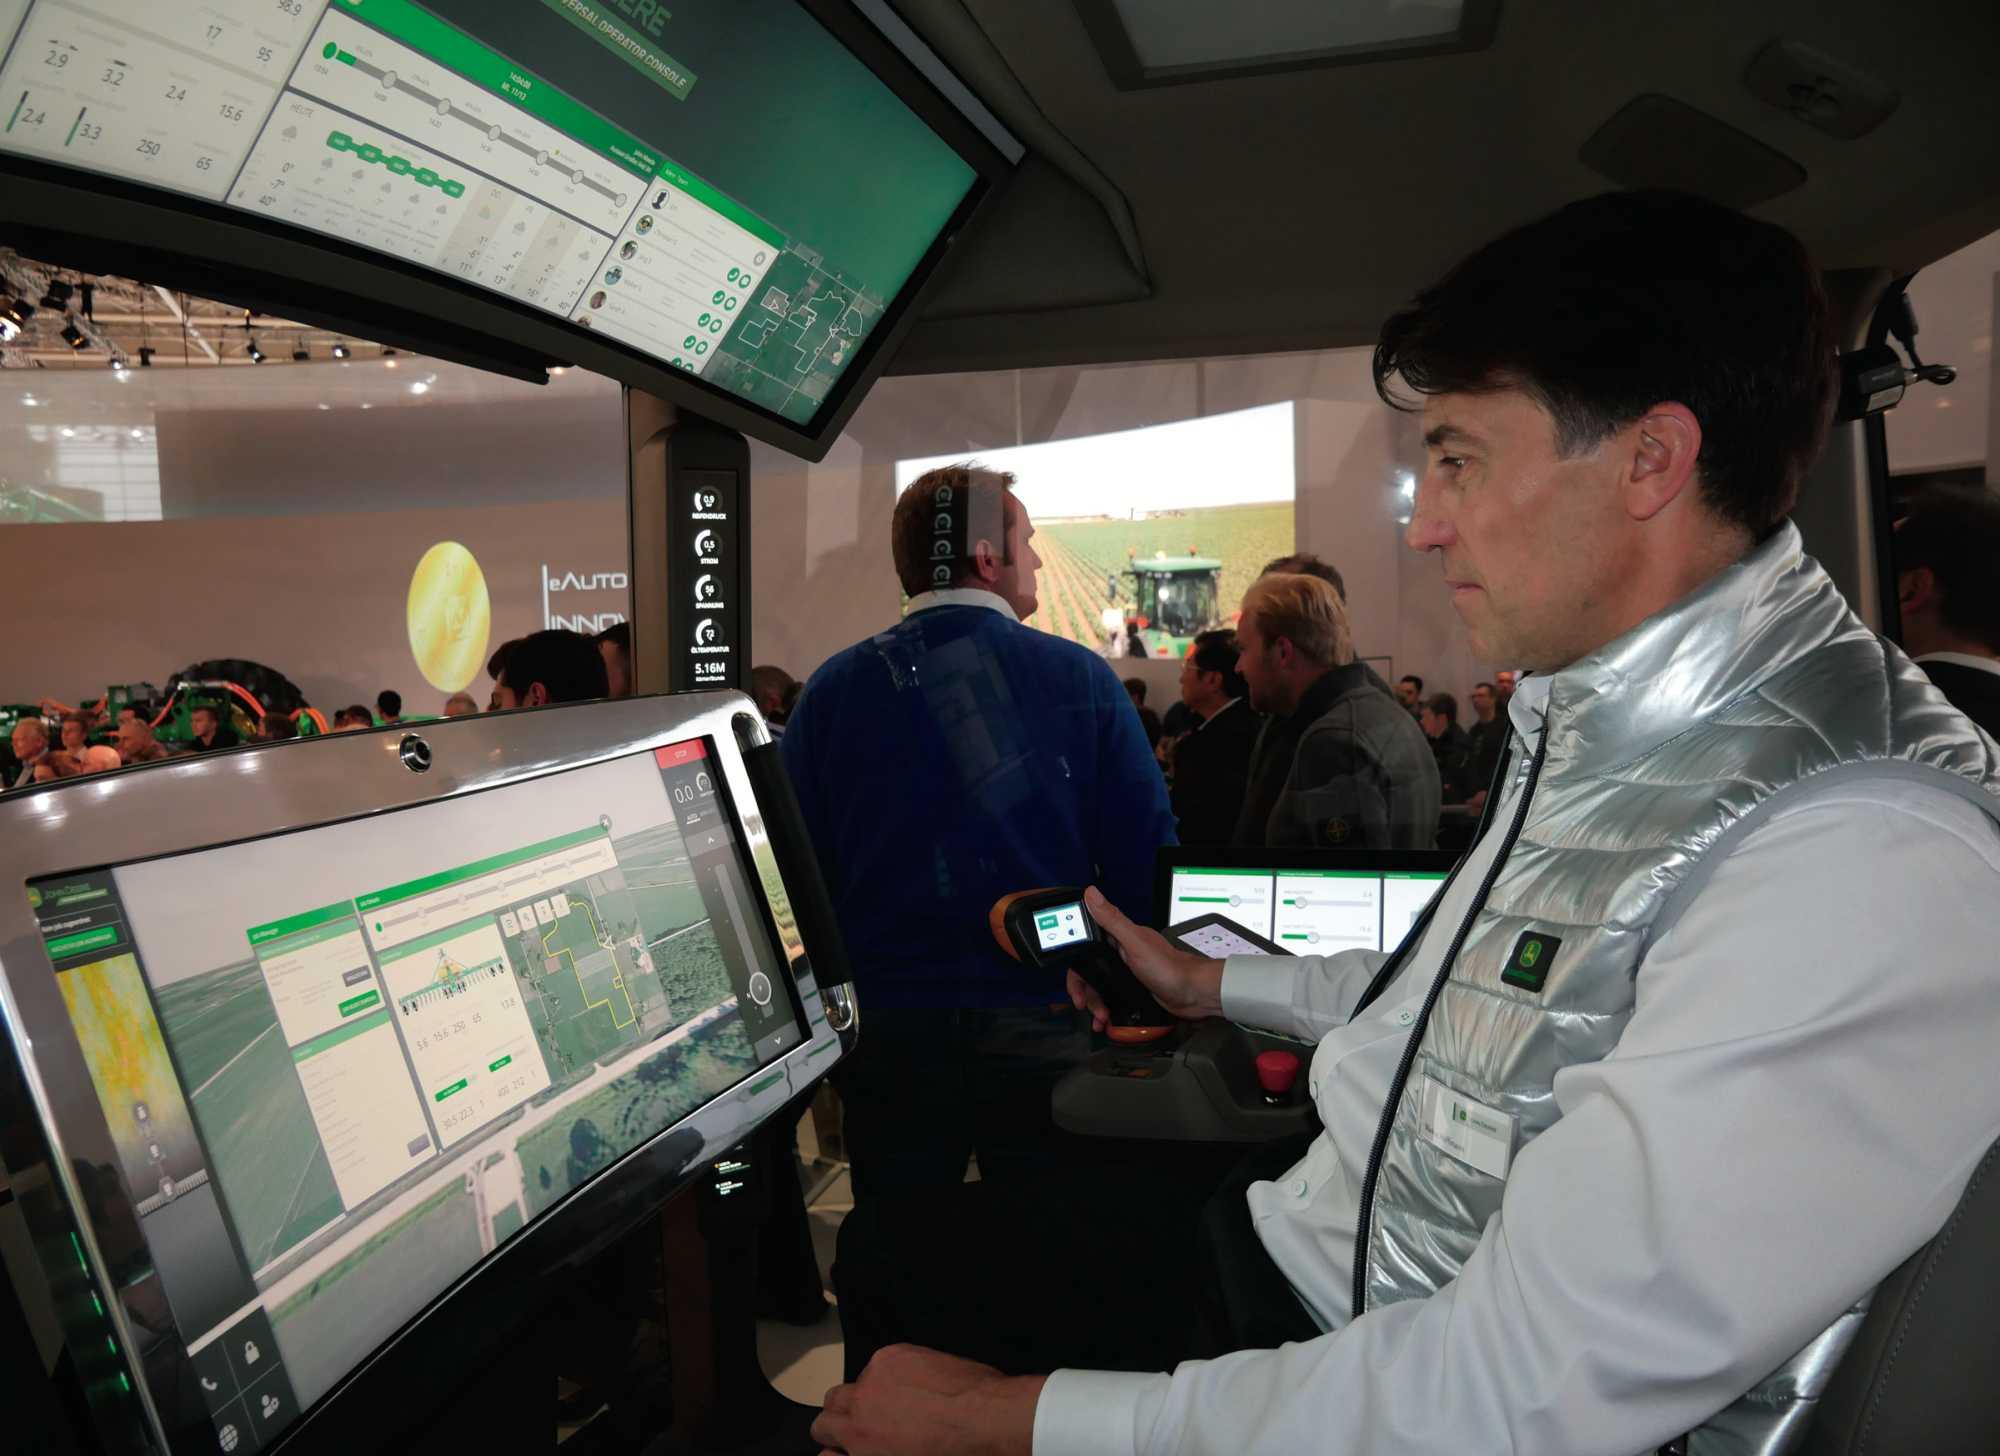 Weitgehend autonome Landmaschinen steuert der Landwirt der Zukunft allenfalls mit dem Joystick. Auf großen Touchscreens kann er aber Büroarbeit erledigen, das Team koordinieren oder Drohnenbilder auswerten.